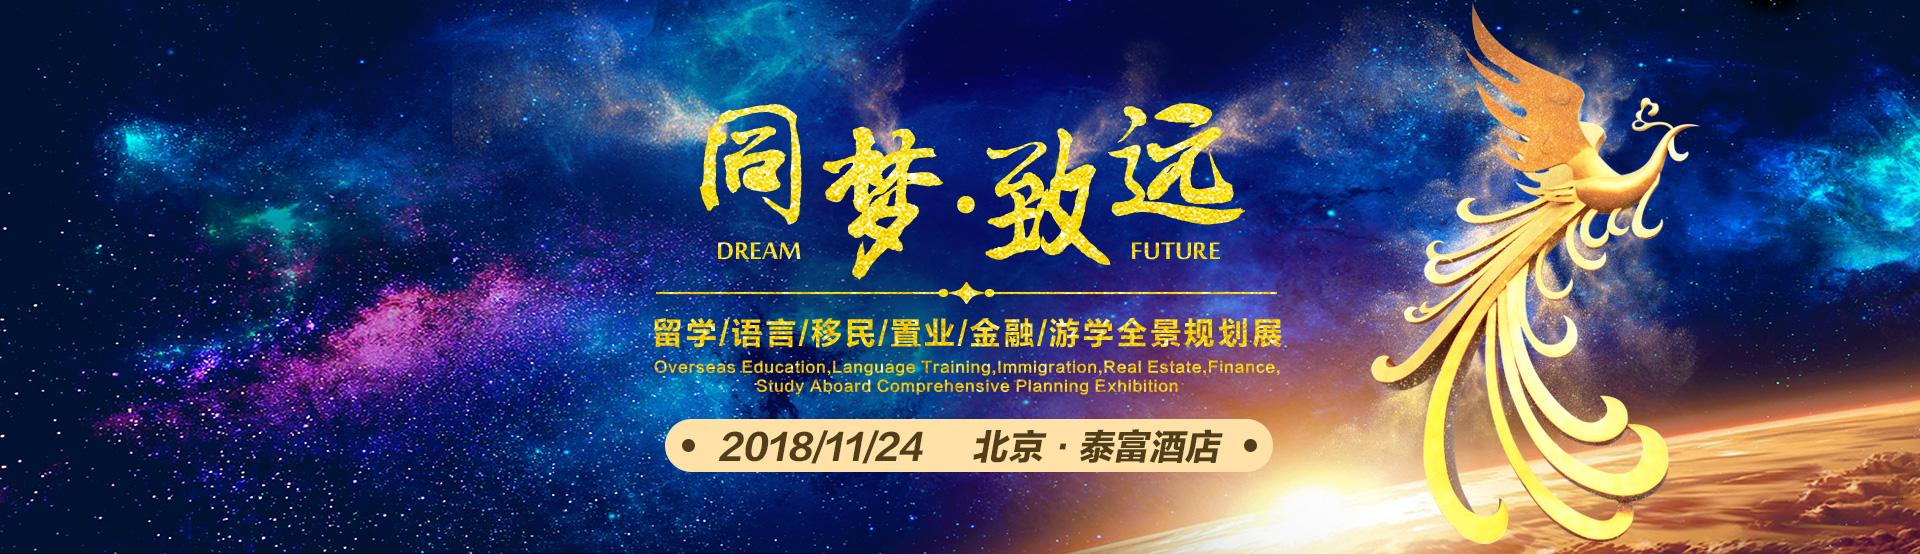 津桥国际留学/语言/移民/置业/金融/游学全景规划展